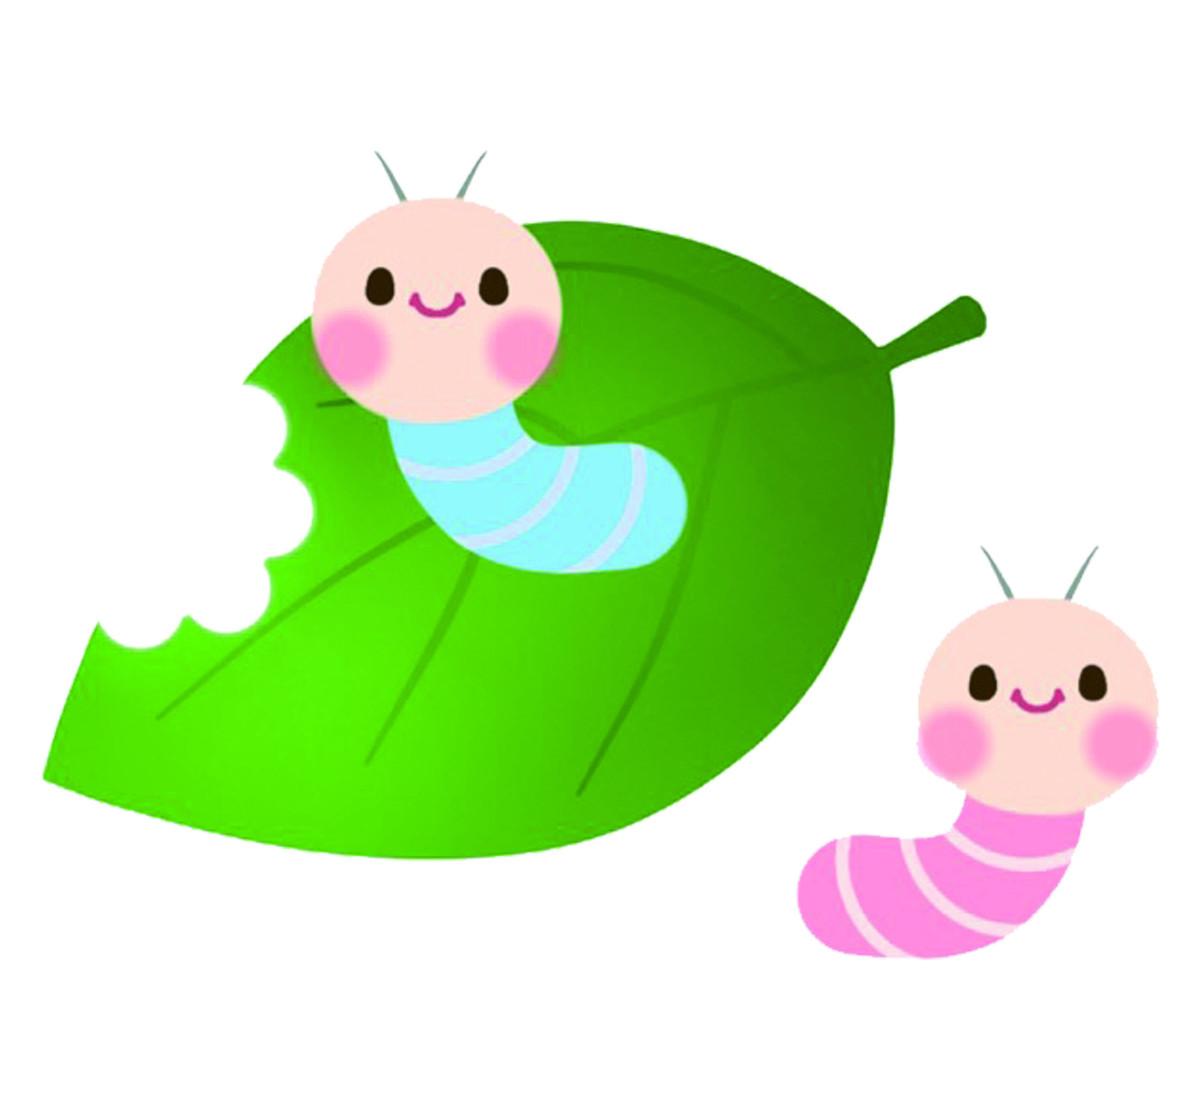 毛毛蟲其實就是「鱗翅目」昆蟲,也就是「蝴蝶類」、「蛾類」的幼蟲。 不過,因為毛毛蟲看起來有許多雙腳,令不少人感到疑惑,牠們究竟是不是昆蟲? 其實,毛毛蟲的腳只有前三對屬於真的腳,後面的幾雙腳都屬於「偽足」, 並不是真正的腳。